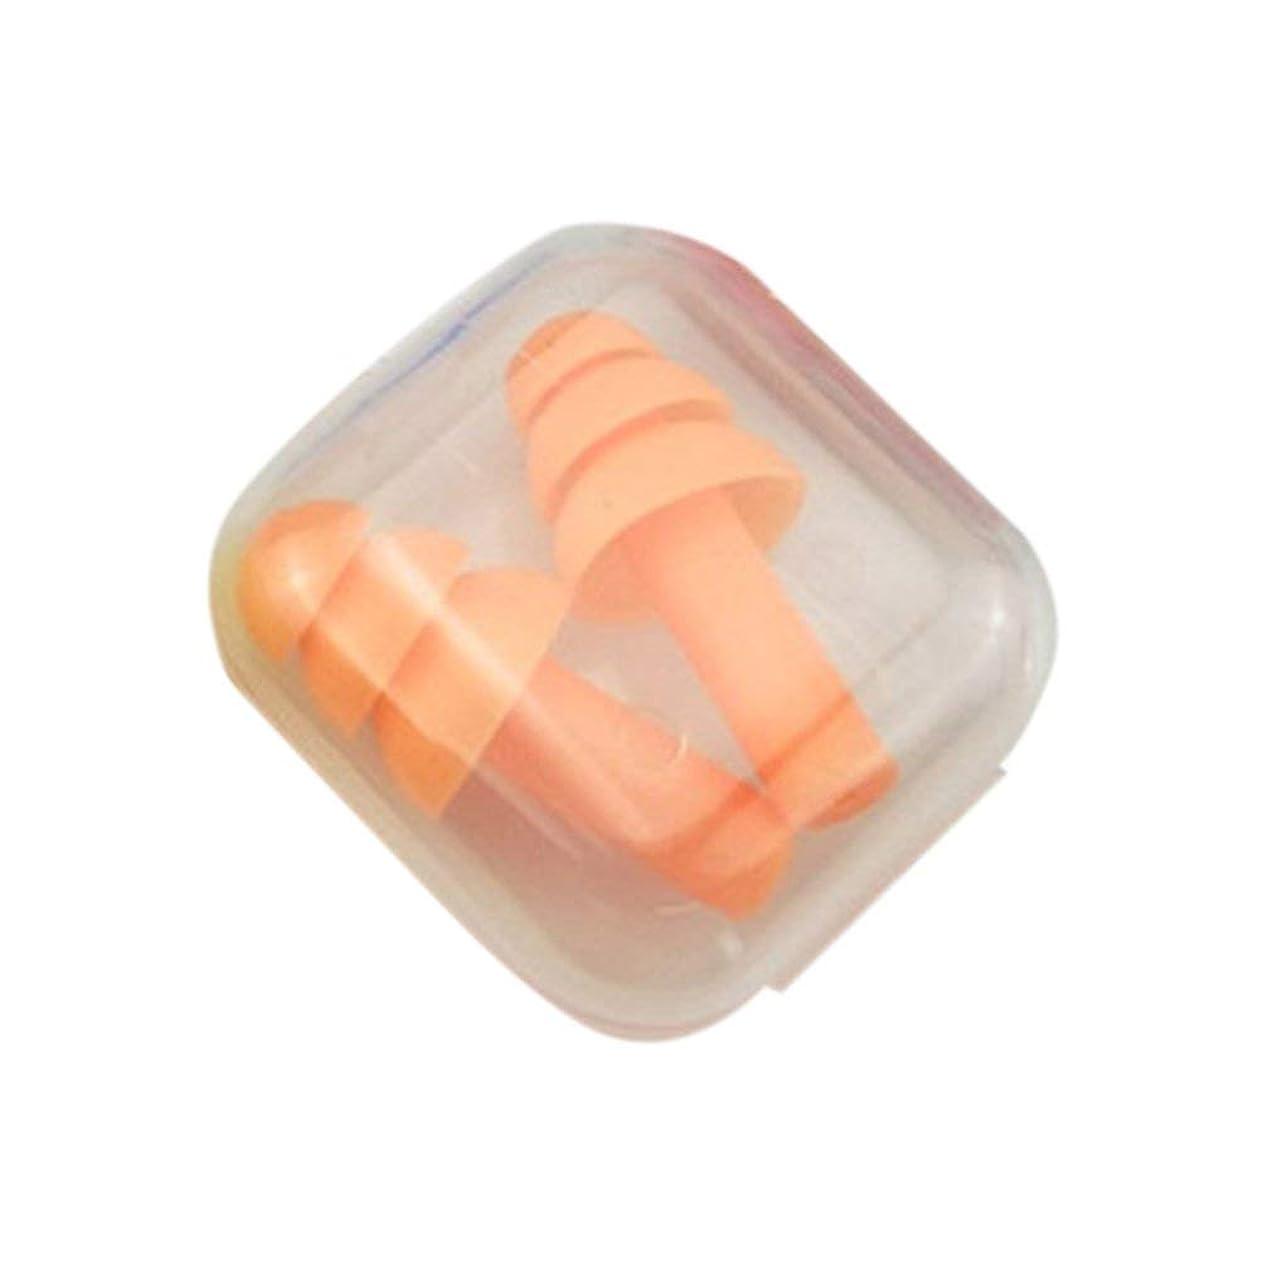 遠洋の腹曲がった柔らかいシリコーンの耳栓遮音用耳の保護用の耳栓防音睡眠ボックス付き収納ボックス - オレンジ